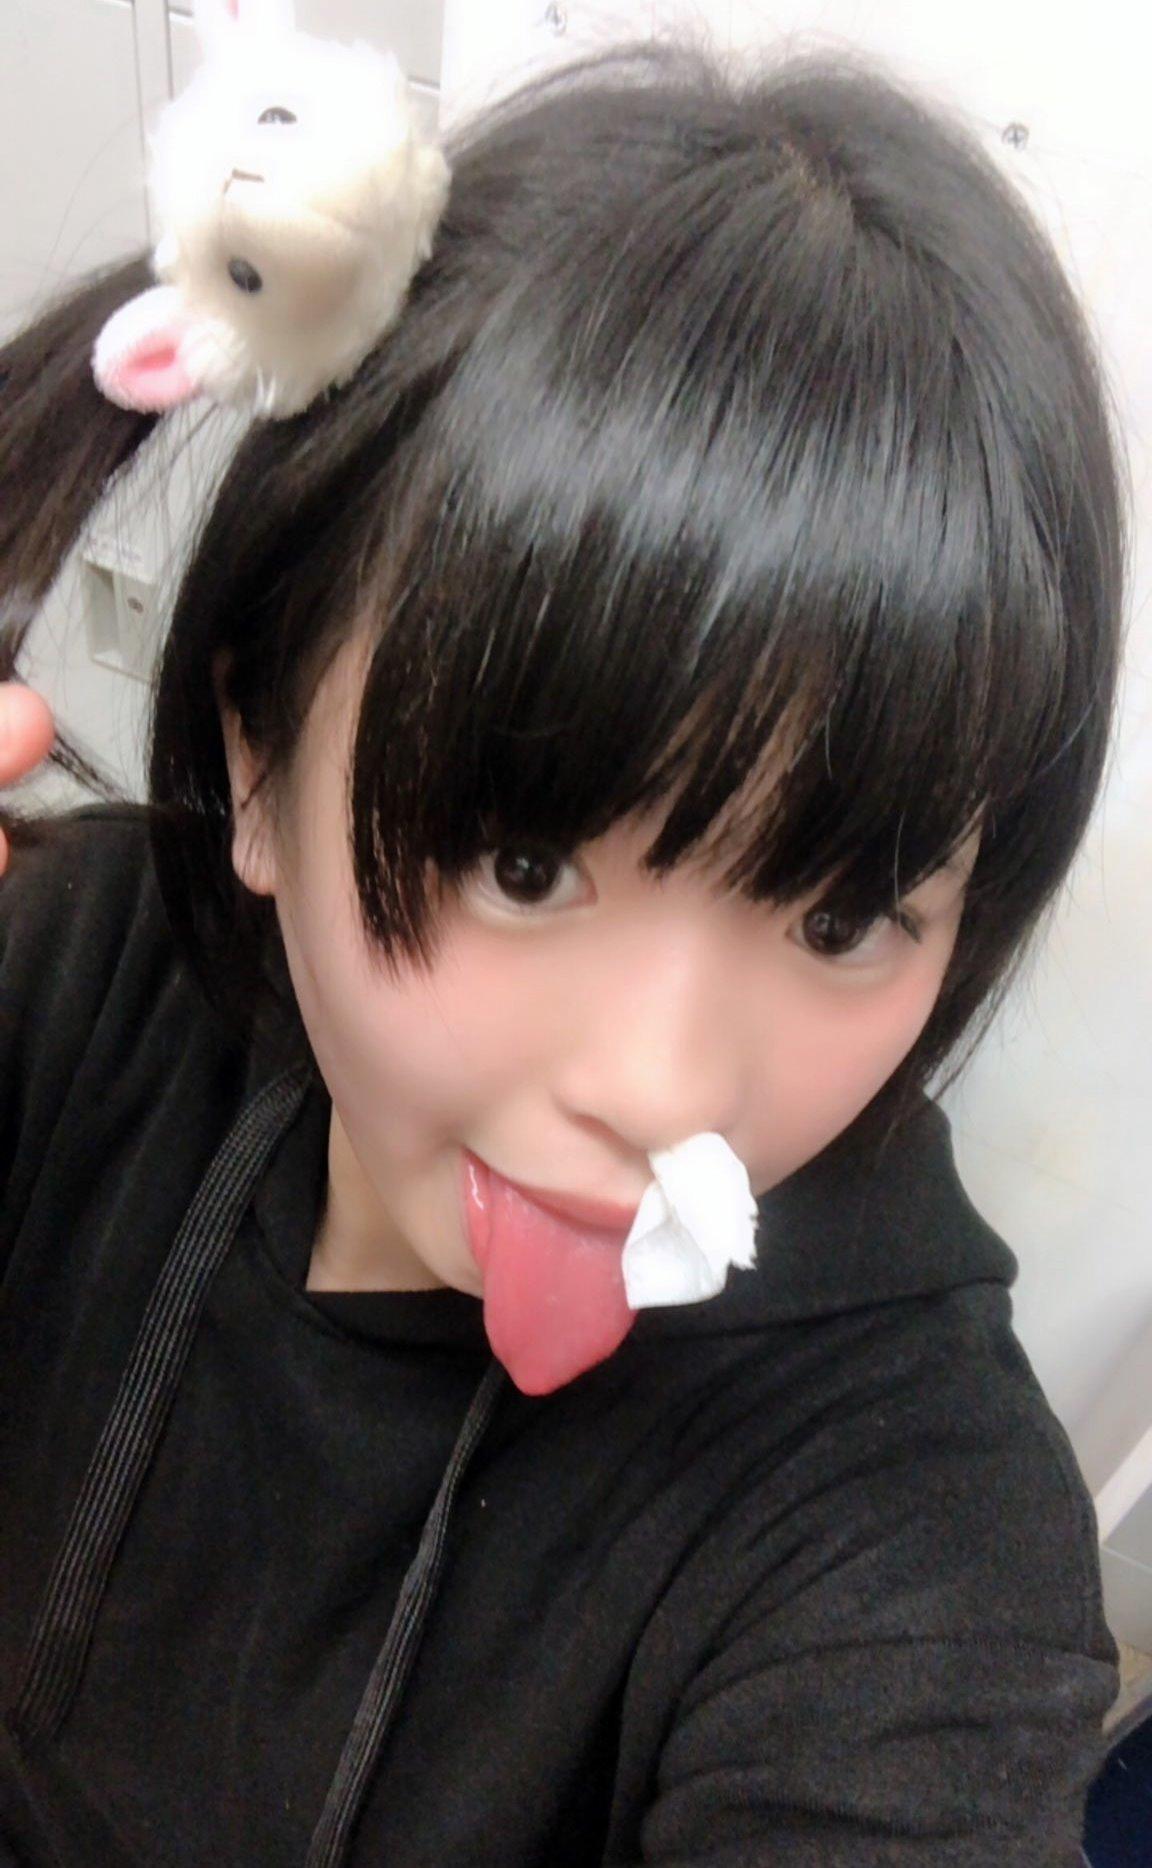 さくらりなのトンガリ舌 (5)